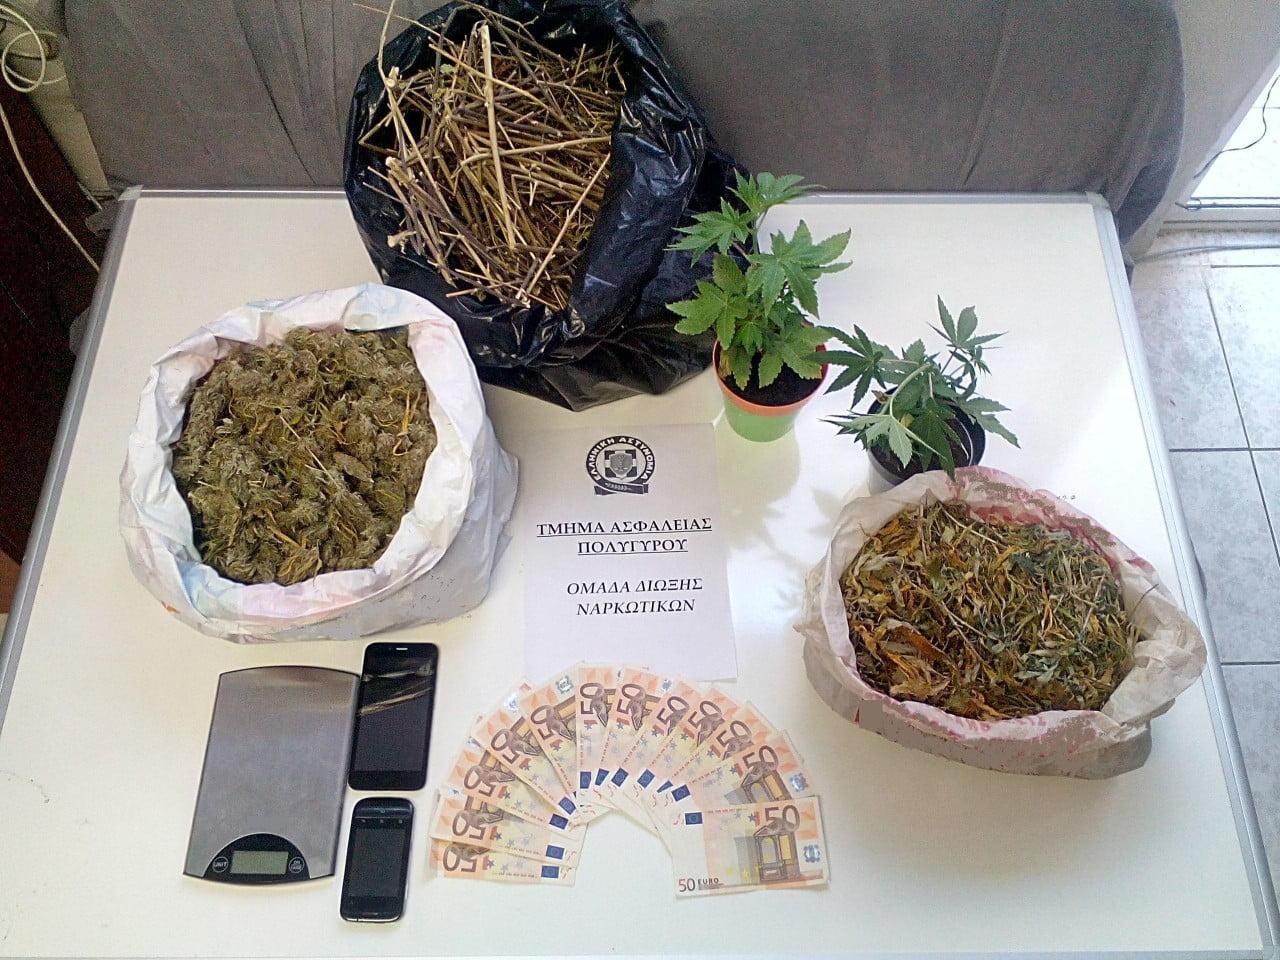 Ομάδα Δίωξης Ναρκωτικών Τμήμα Ασφάλειας Πολυγύρου